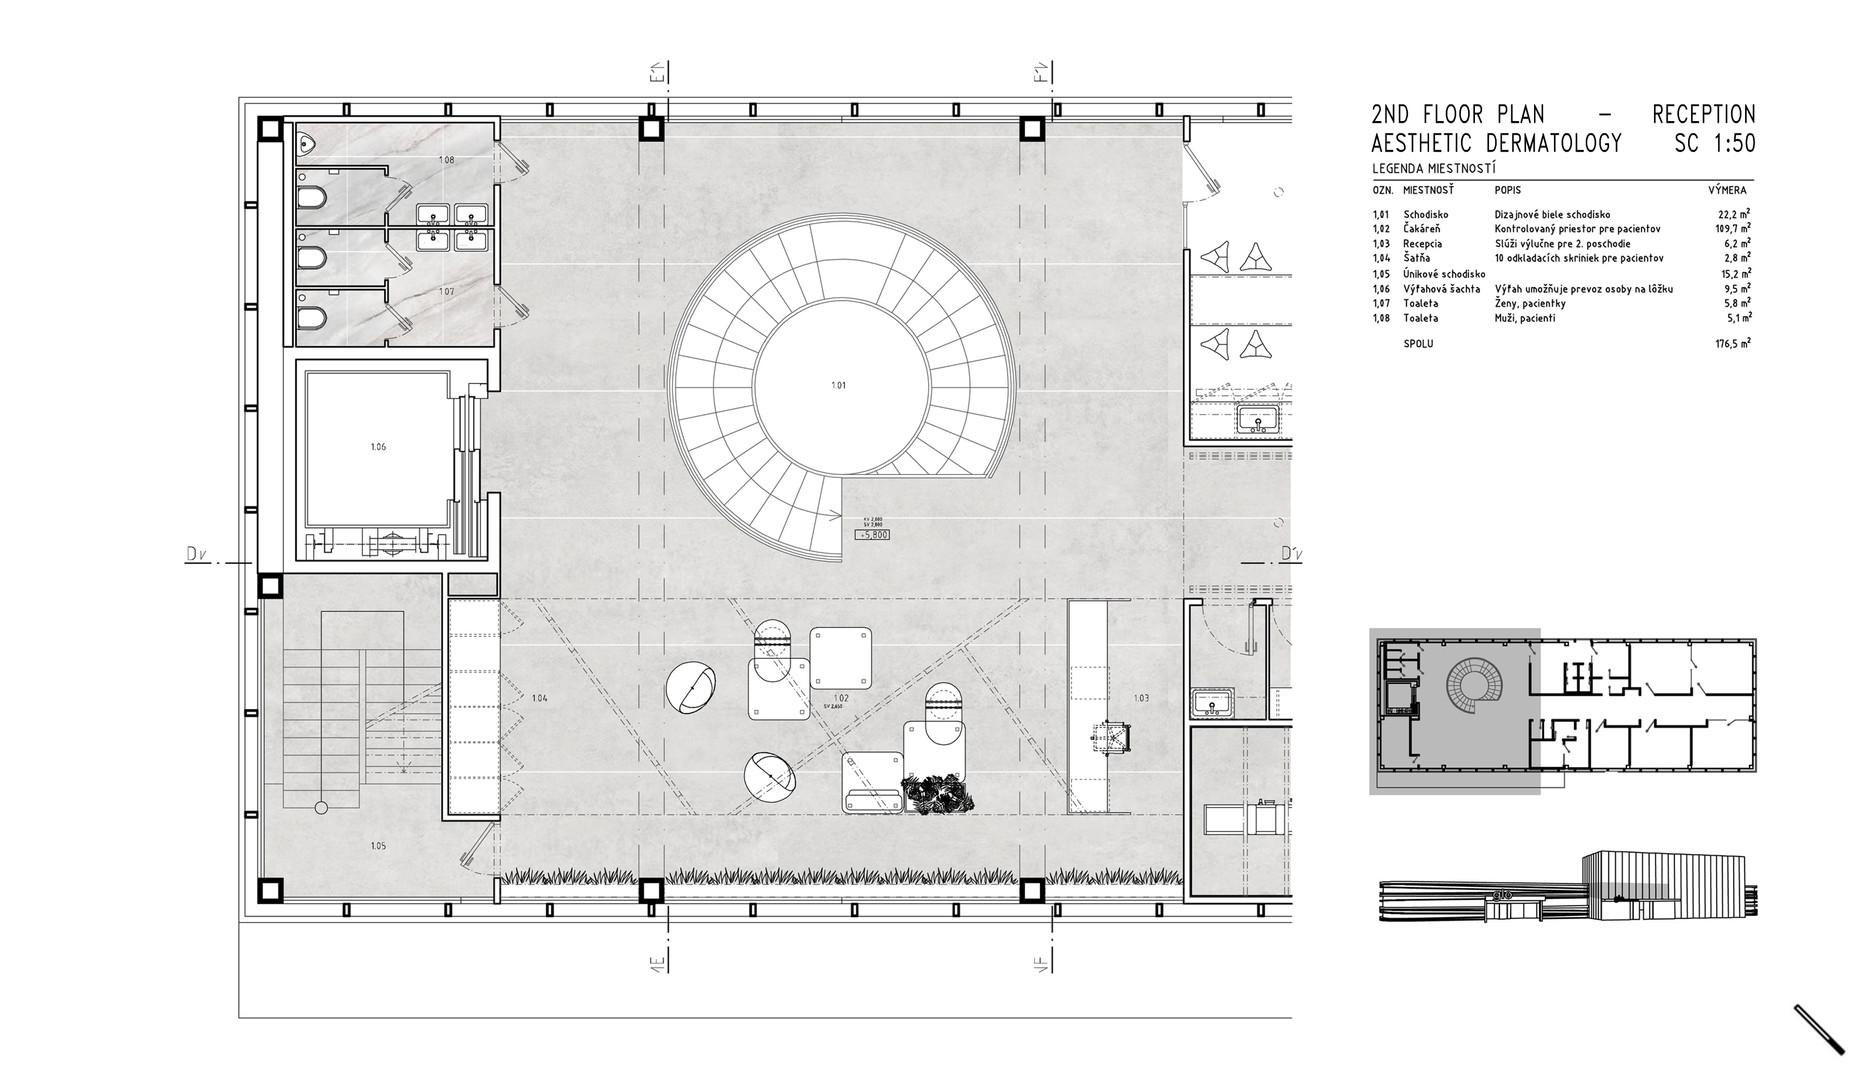 2nd floor plan reception.jpg